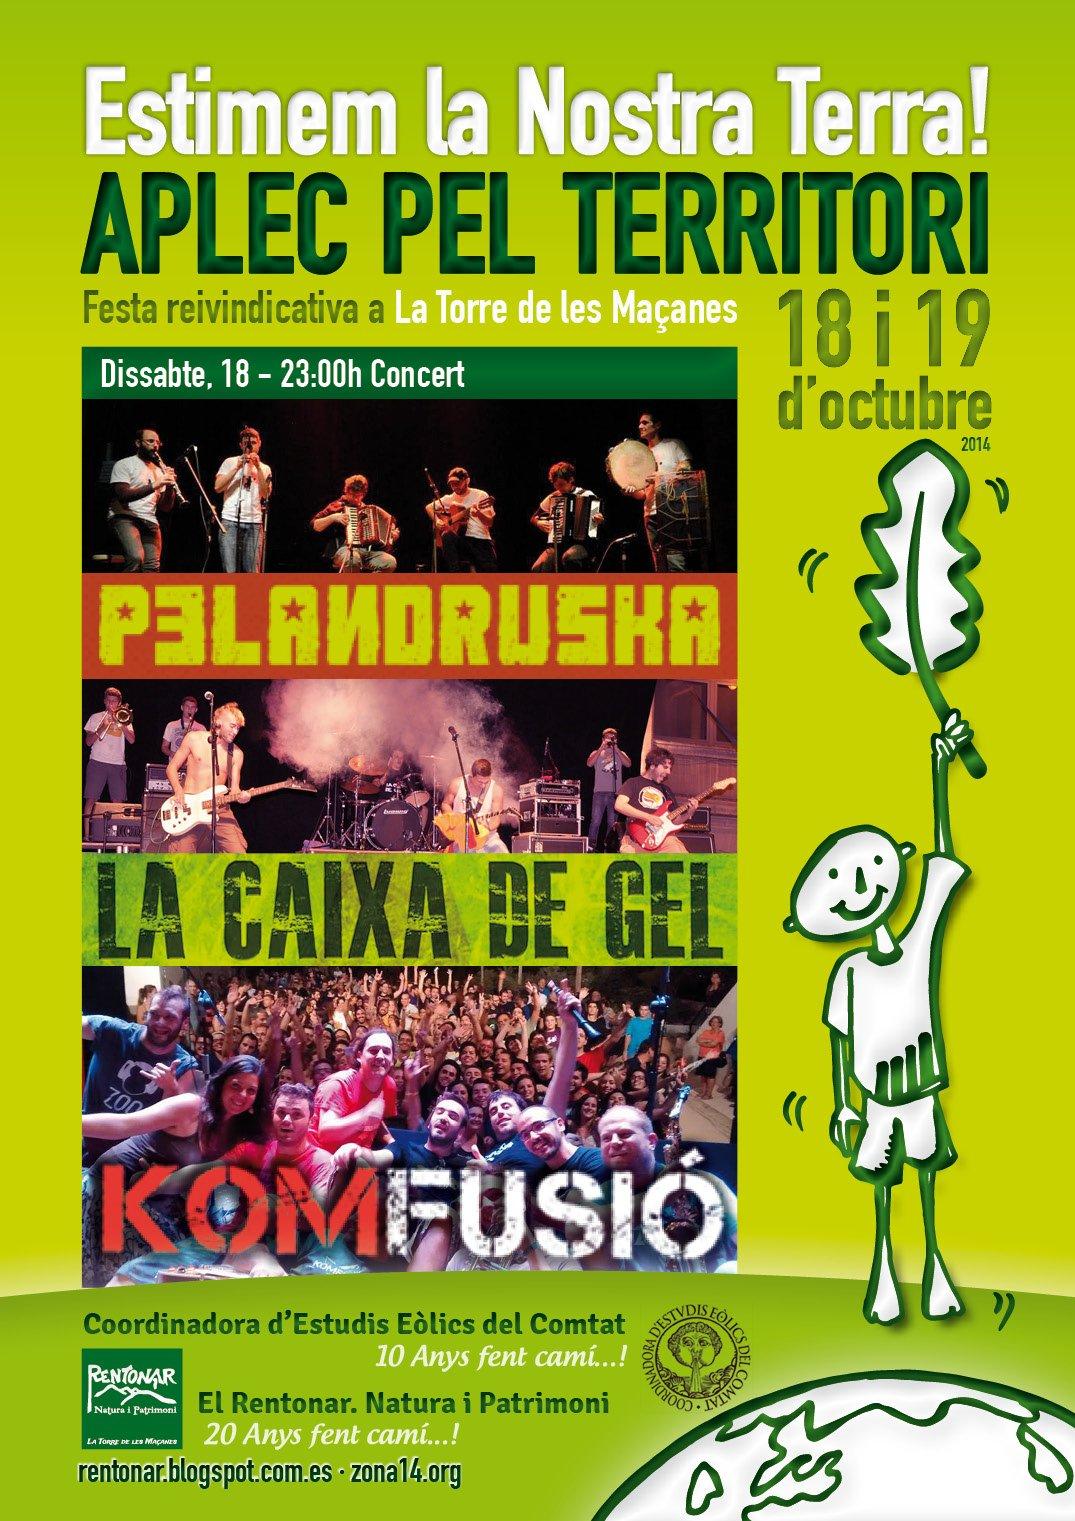 Concert a l'Aplec pel Territori, amb Pelandruska, La Caixa de Gel i Komfusió